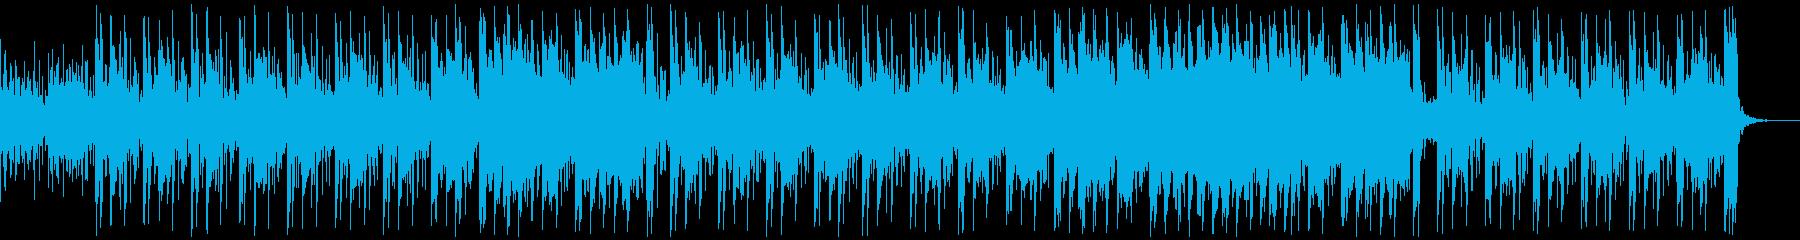 ポップ テクノ アンビエント ほの...の再生済みの波形